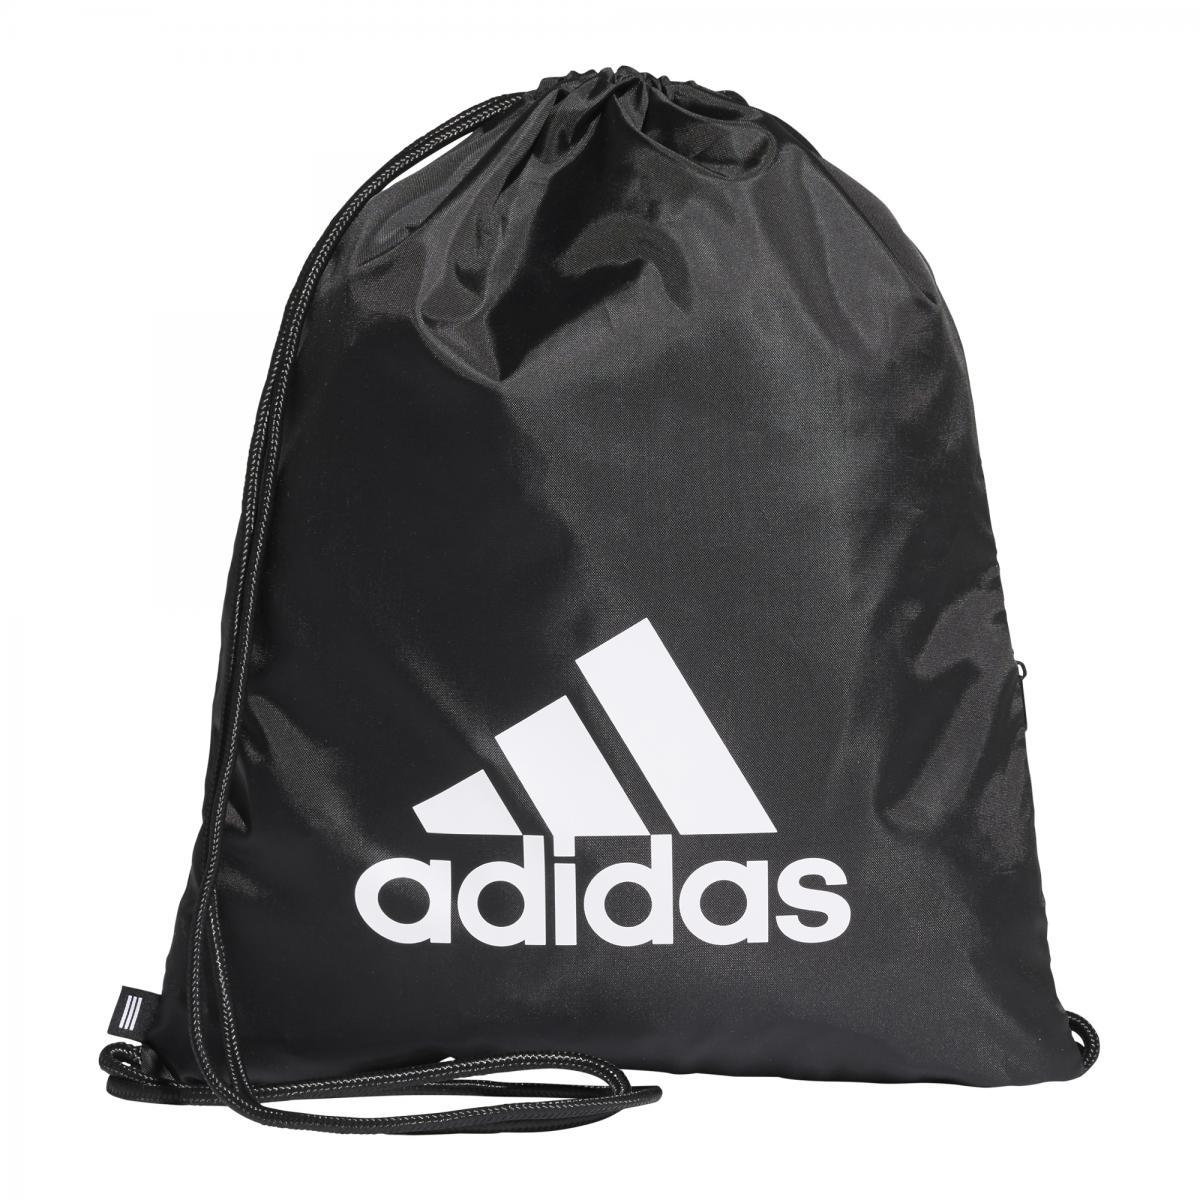 Adidas  TIRO GS, gymsekk